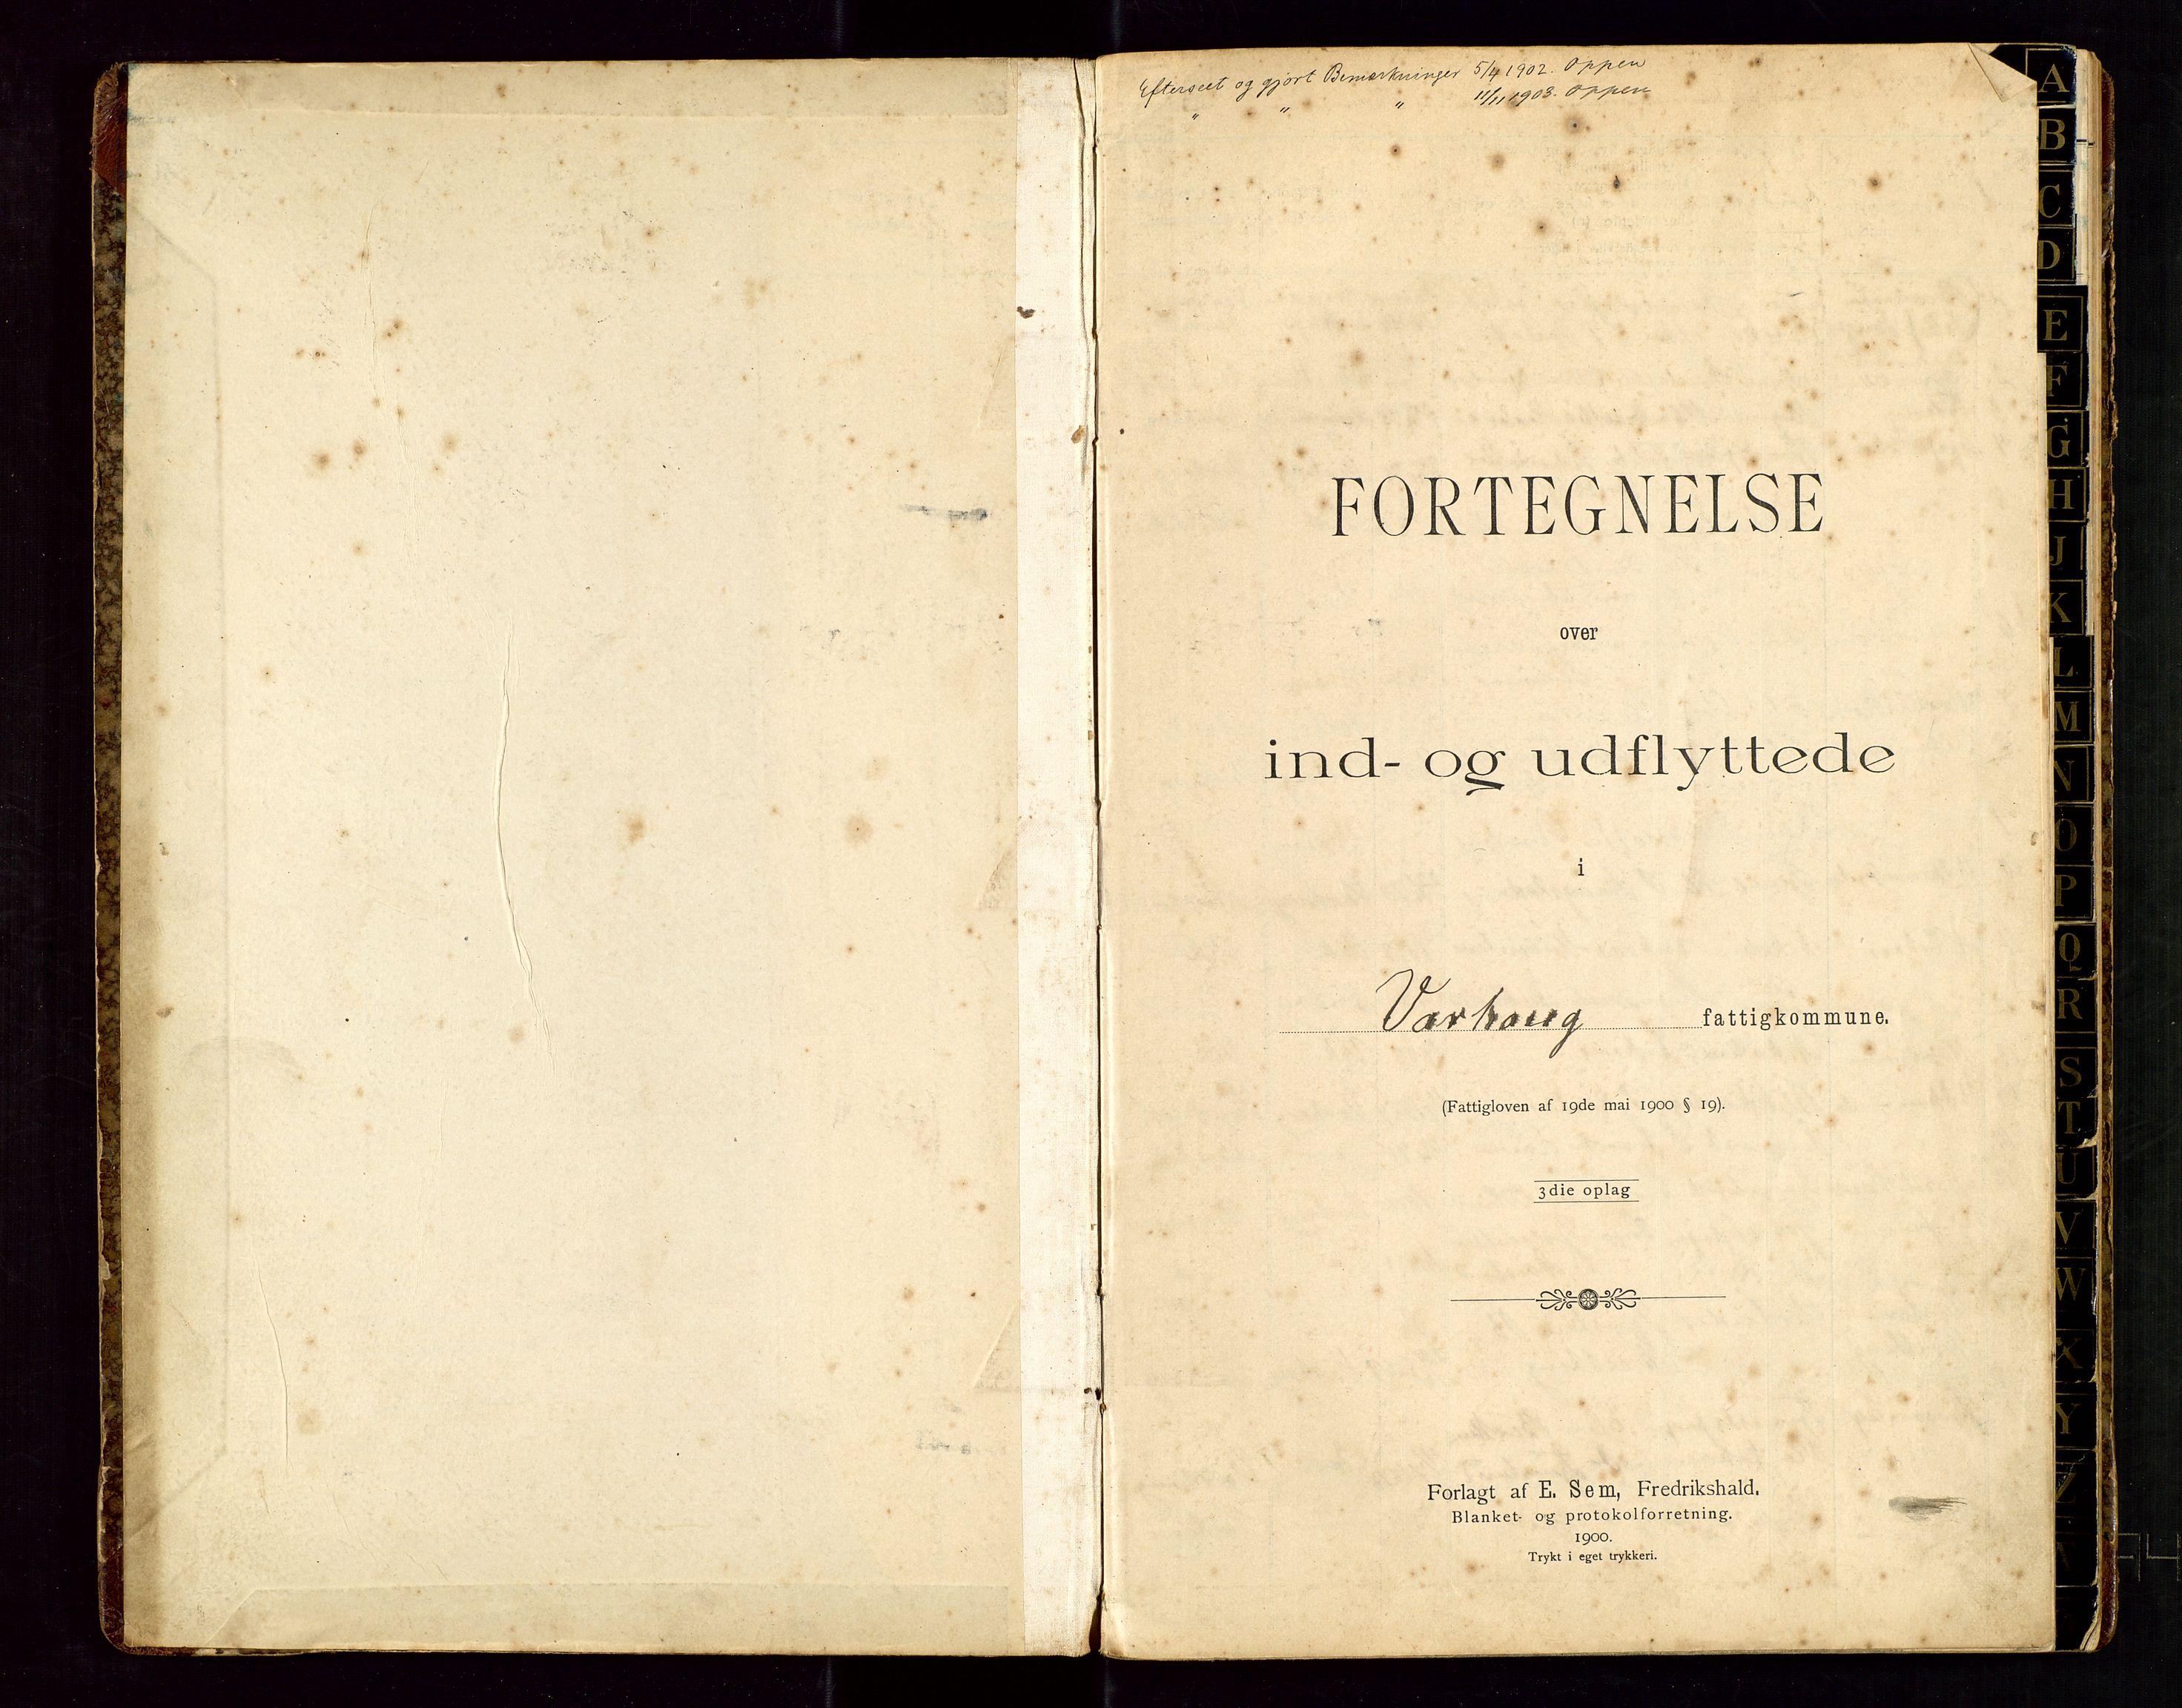 SAST, Hå lensmannskontor, Gw/L0004: Protokoll over inn- og utflyttede-Varhaug, 1901-1934, s. 2